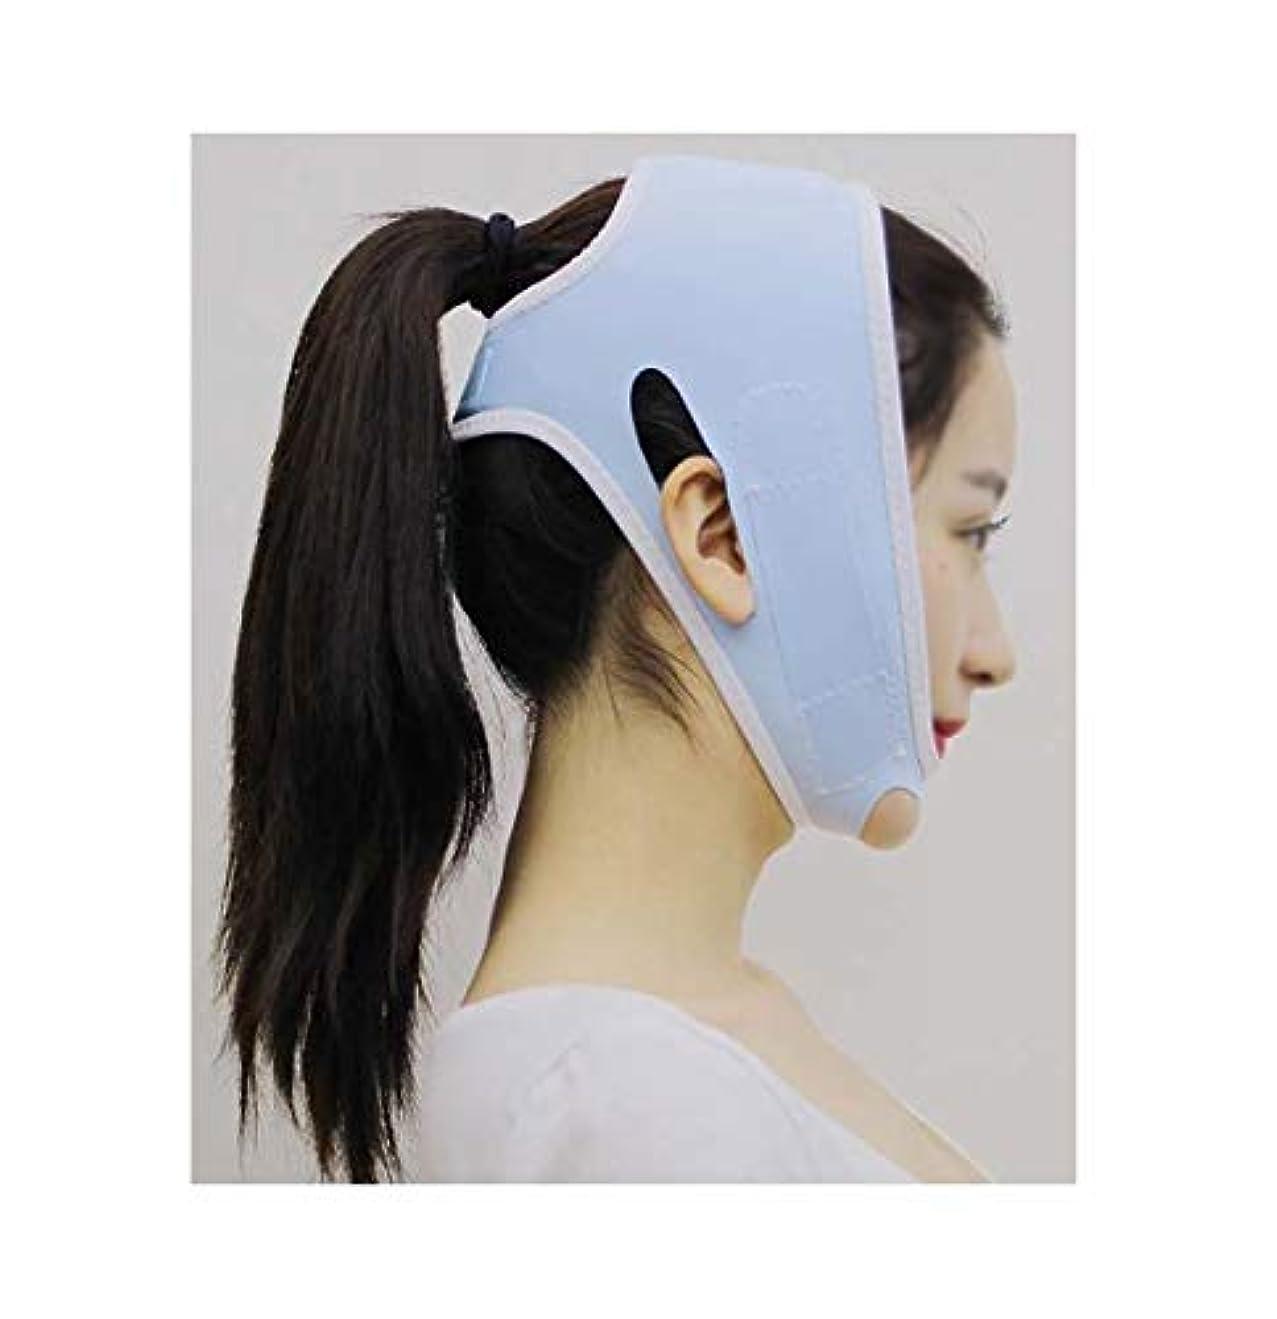 賢い守る簿記係TLMY 包帯ヘッドギアマスクの顔Vの顔の薄い顔のアーティファクトプラスチック美容ゴムバンドフェイスリフトネックリフト後薄い顔マスクあごベルトの回復 顔用整形マスク (Color : Blue)